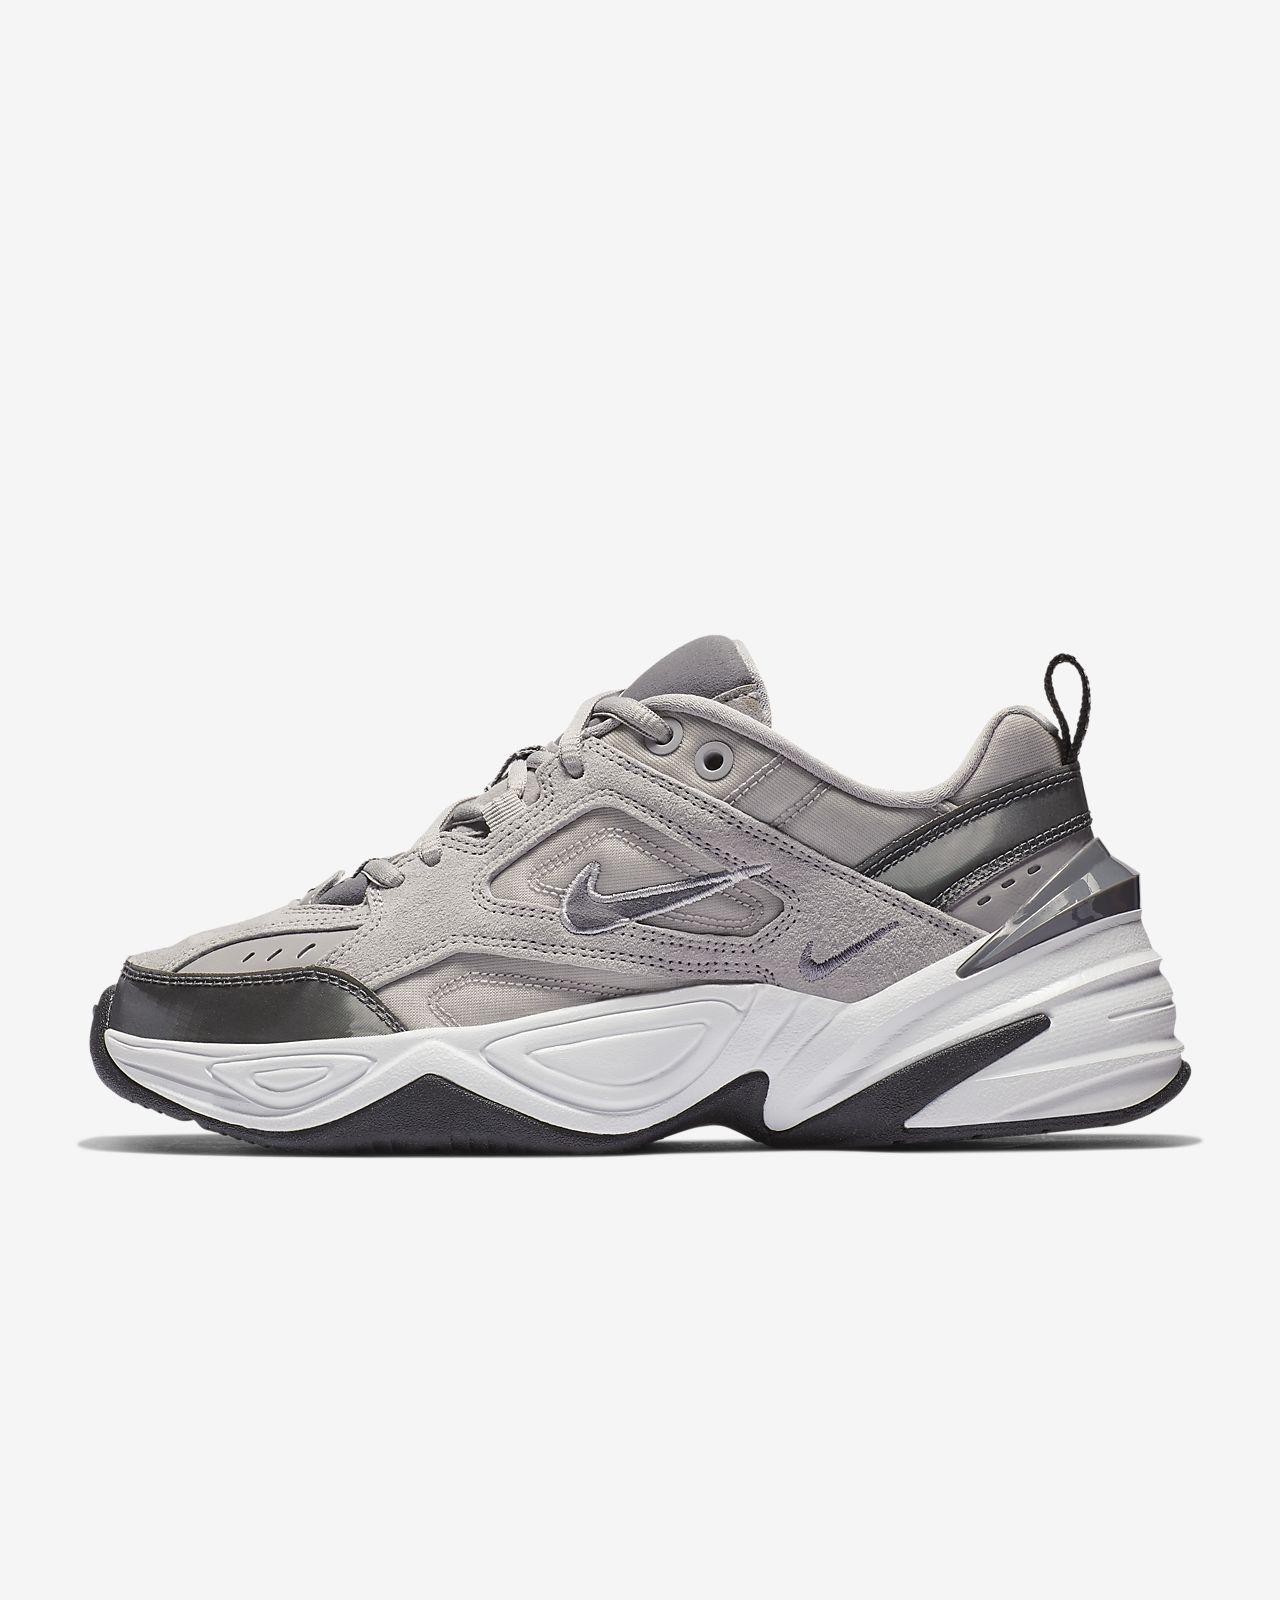 Nike M2K Tekno | White | Sneakers | AV4789 101 | Caliroots